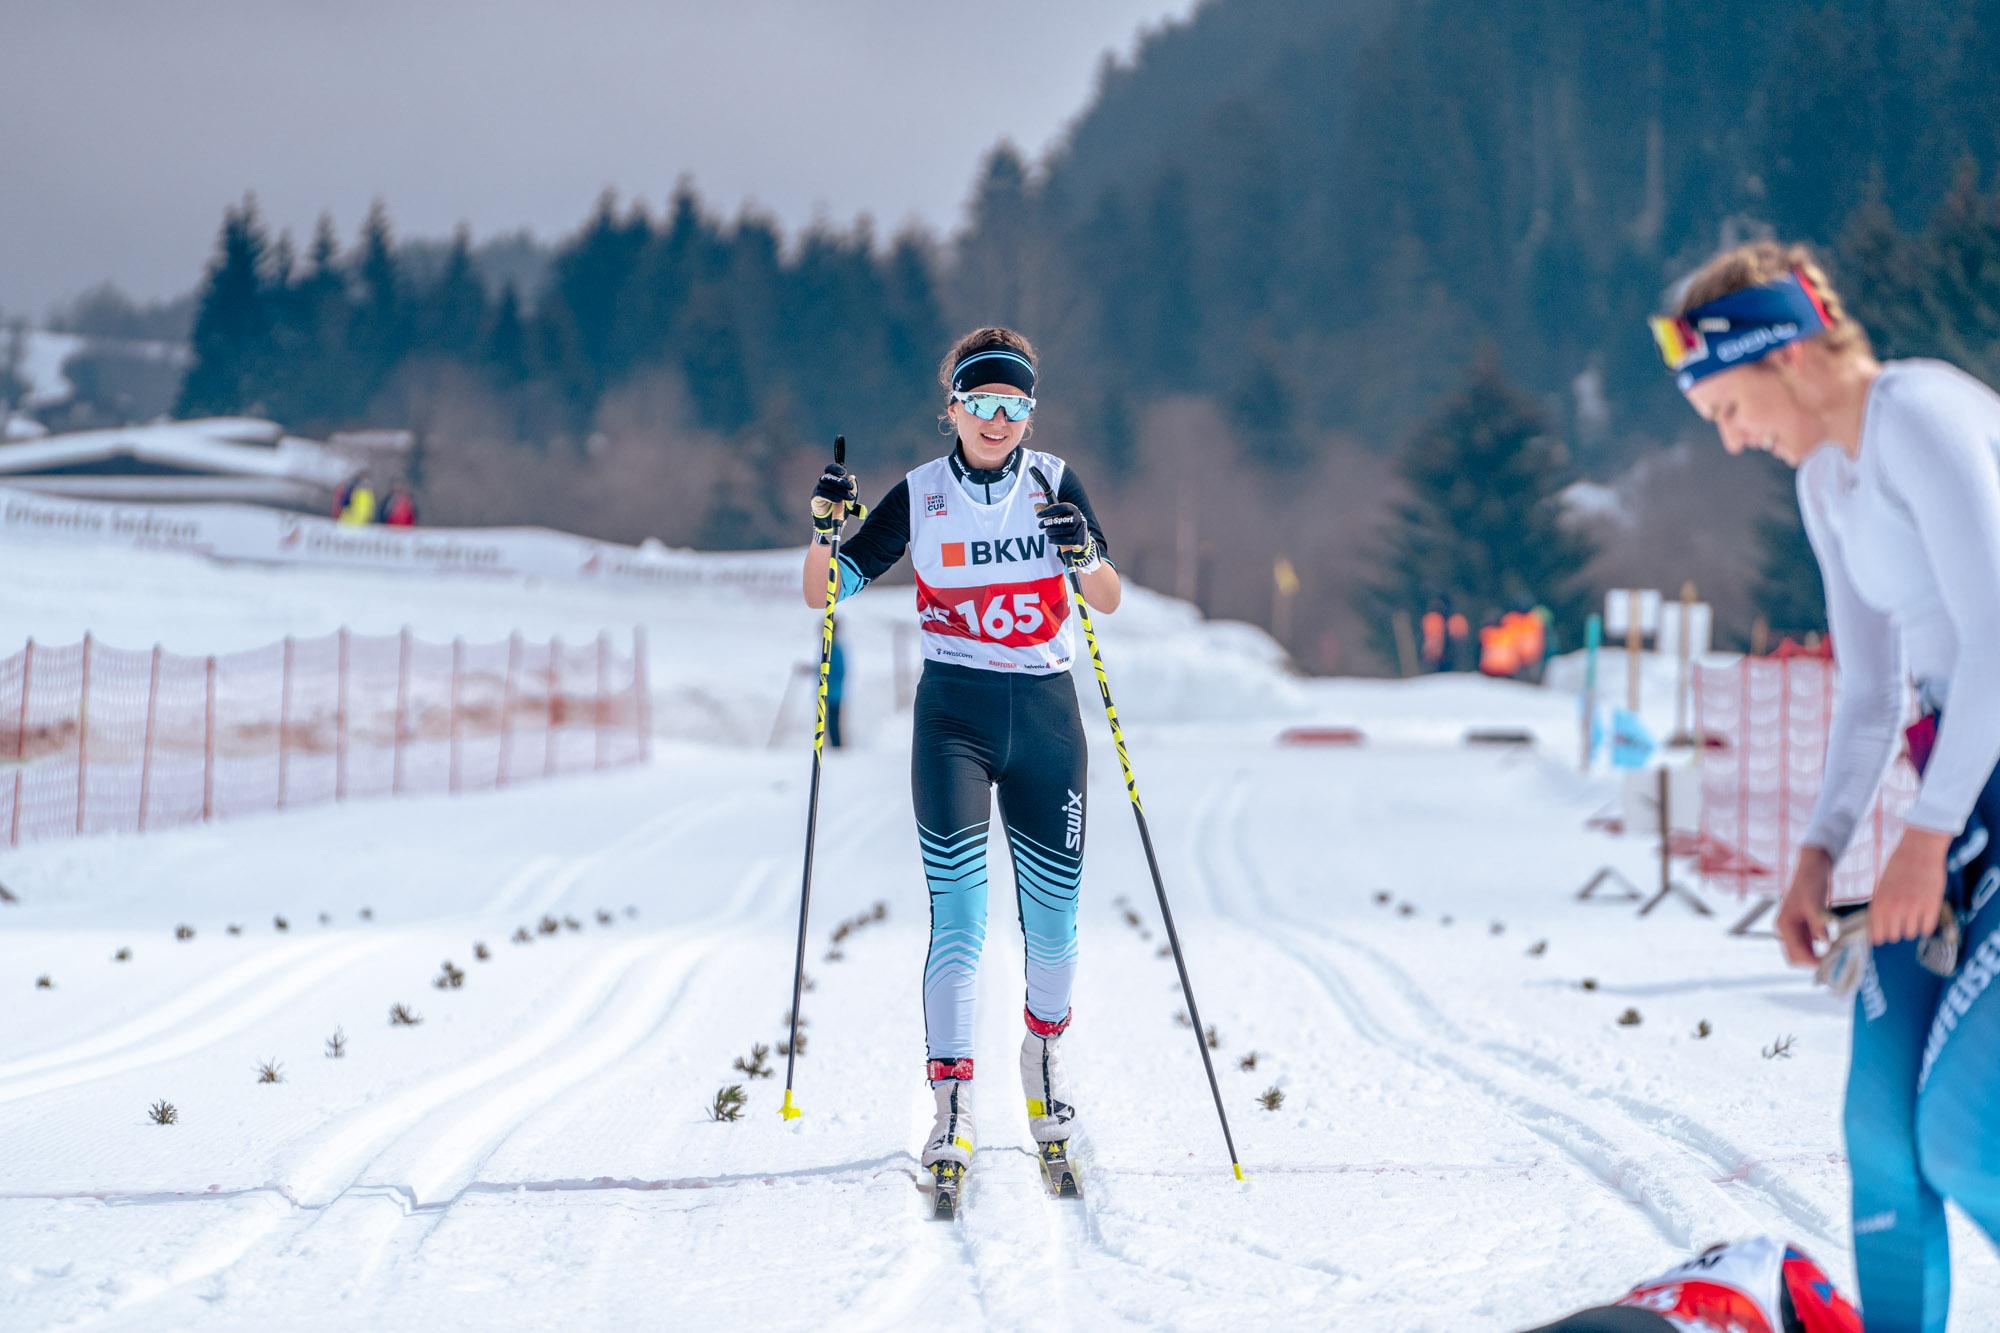 Langlauf-Schweizermeisterschaften in Sedrun